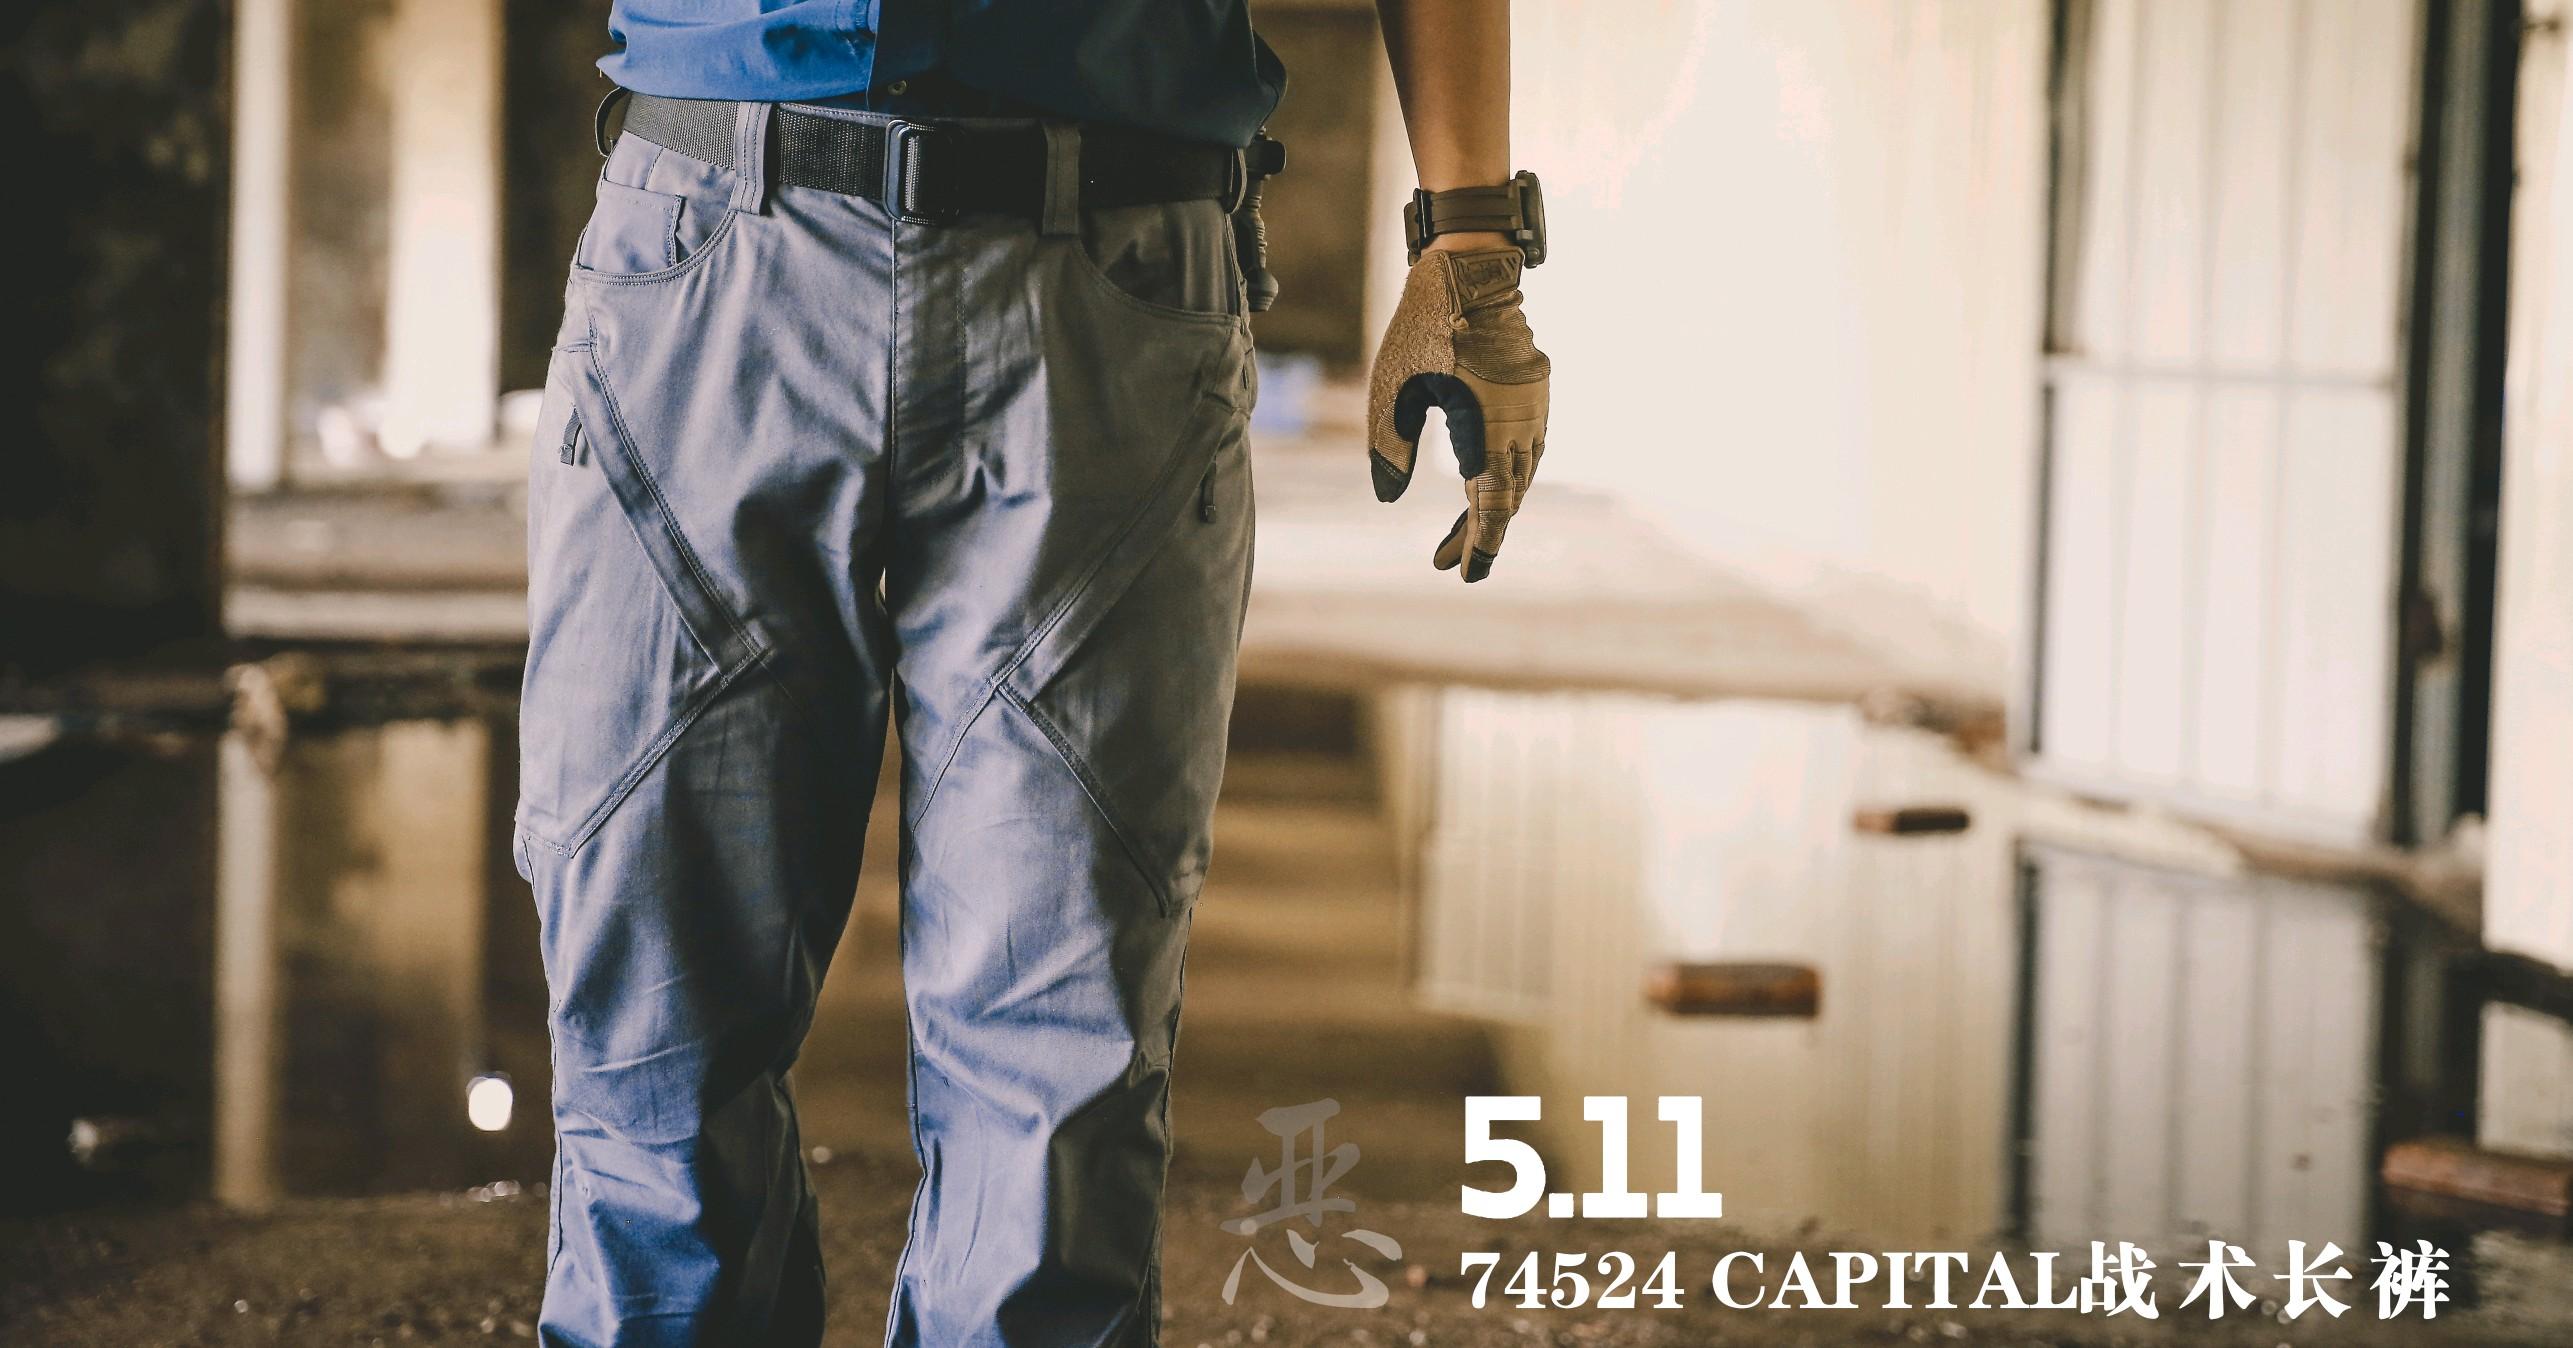 一切为了战术-5.11-74524战术长裤评测